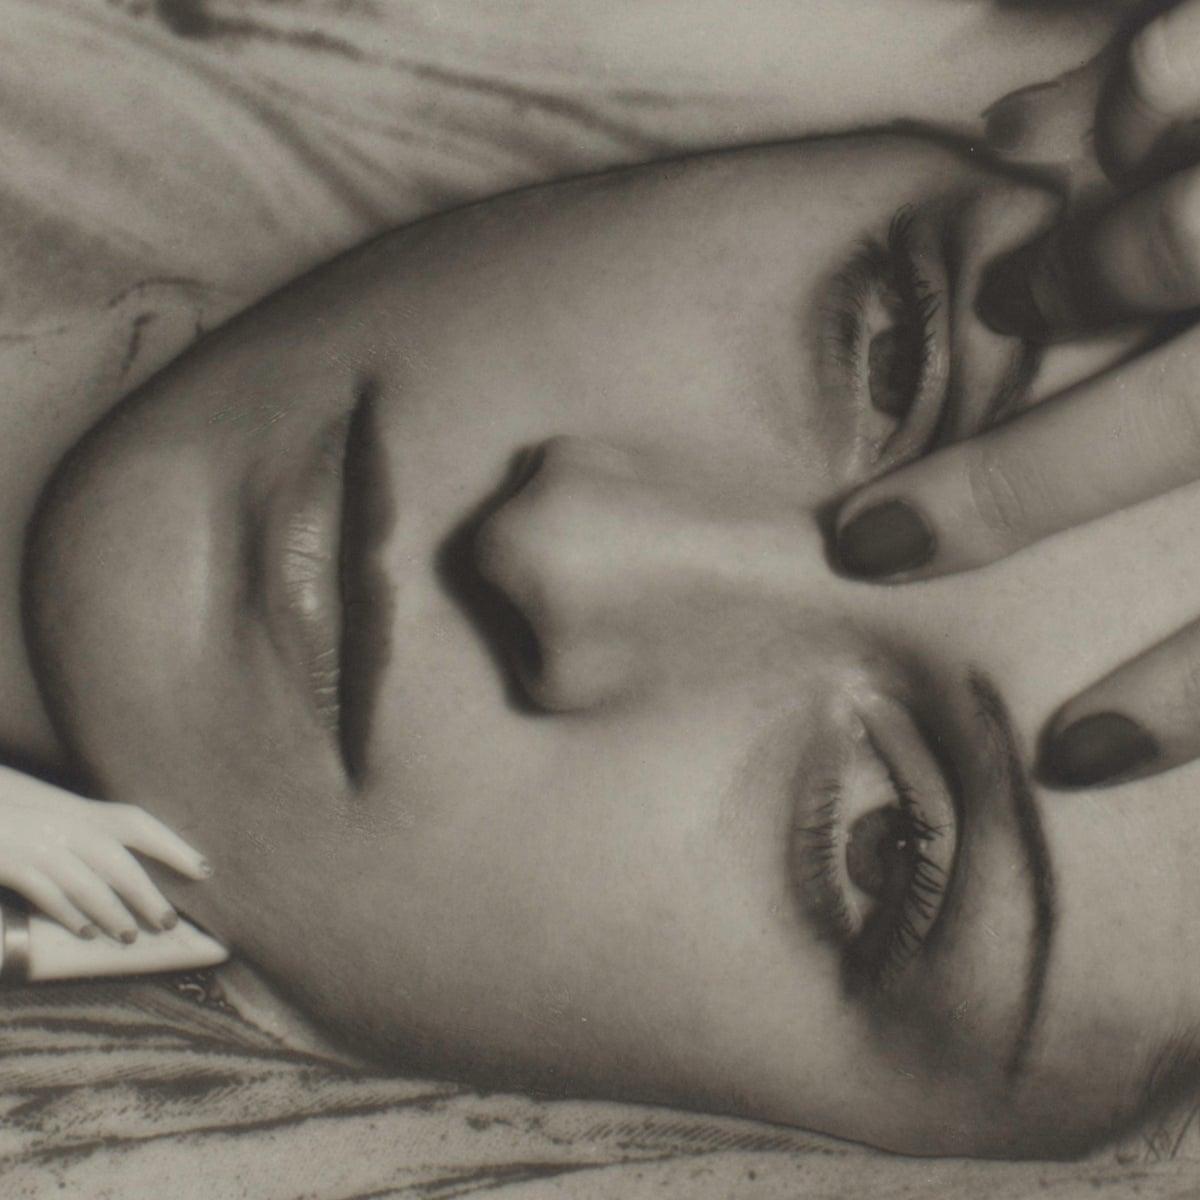 אמנות והנשים החשובות בחייו של פיקאסו